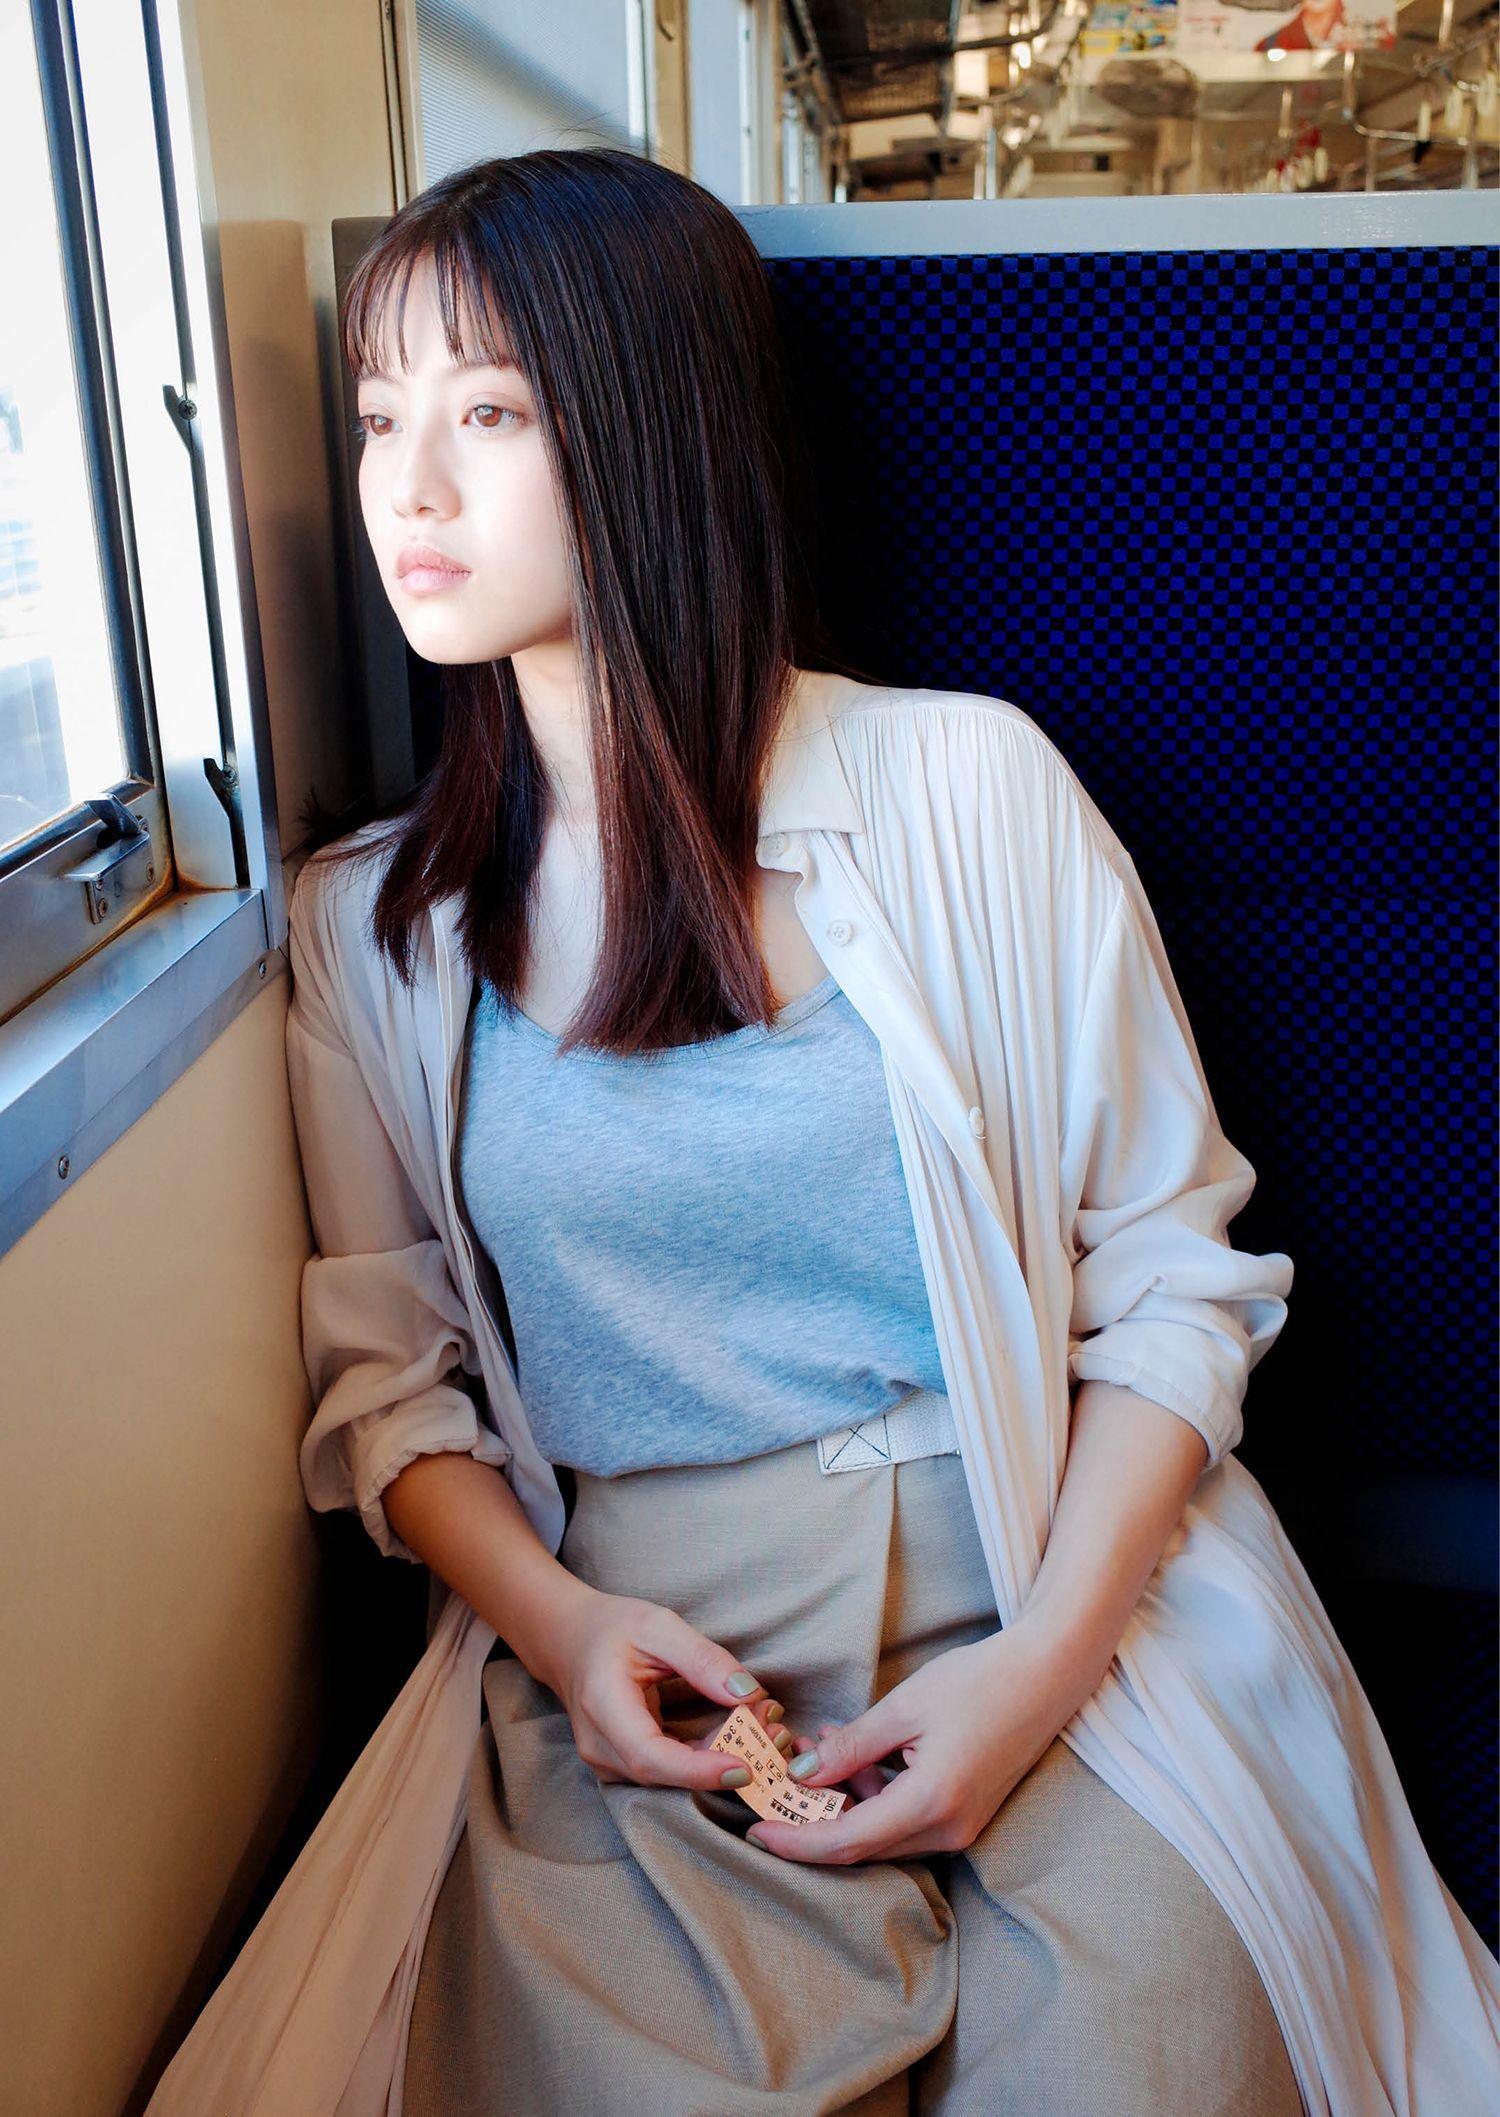 今田美樱 写真集125